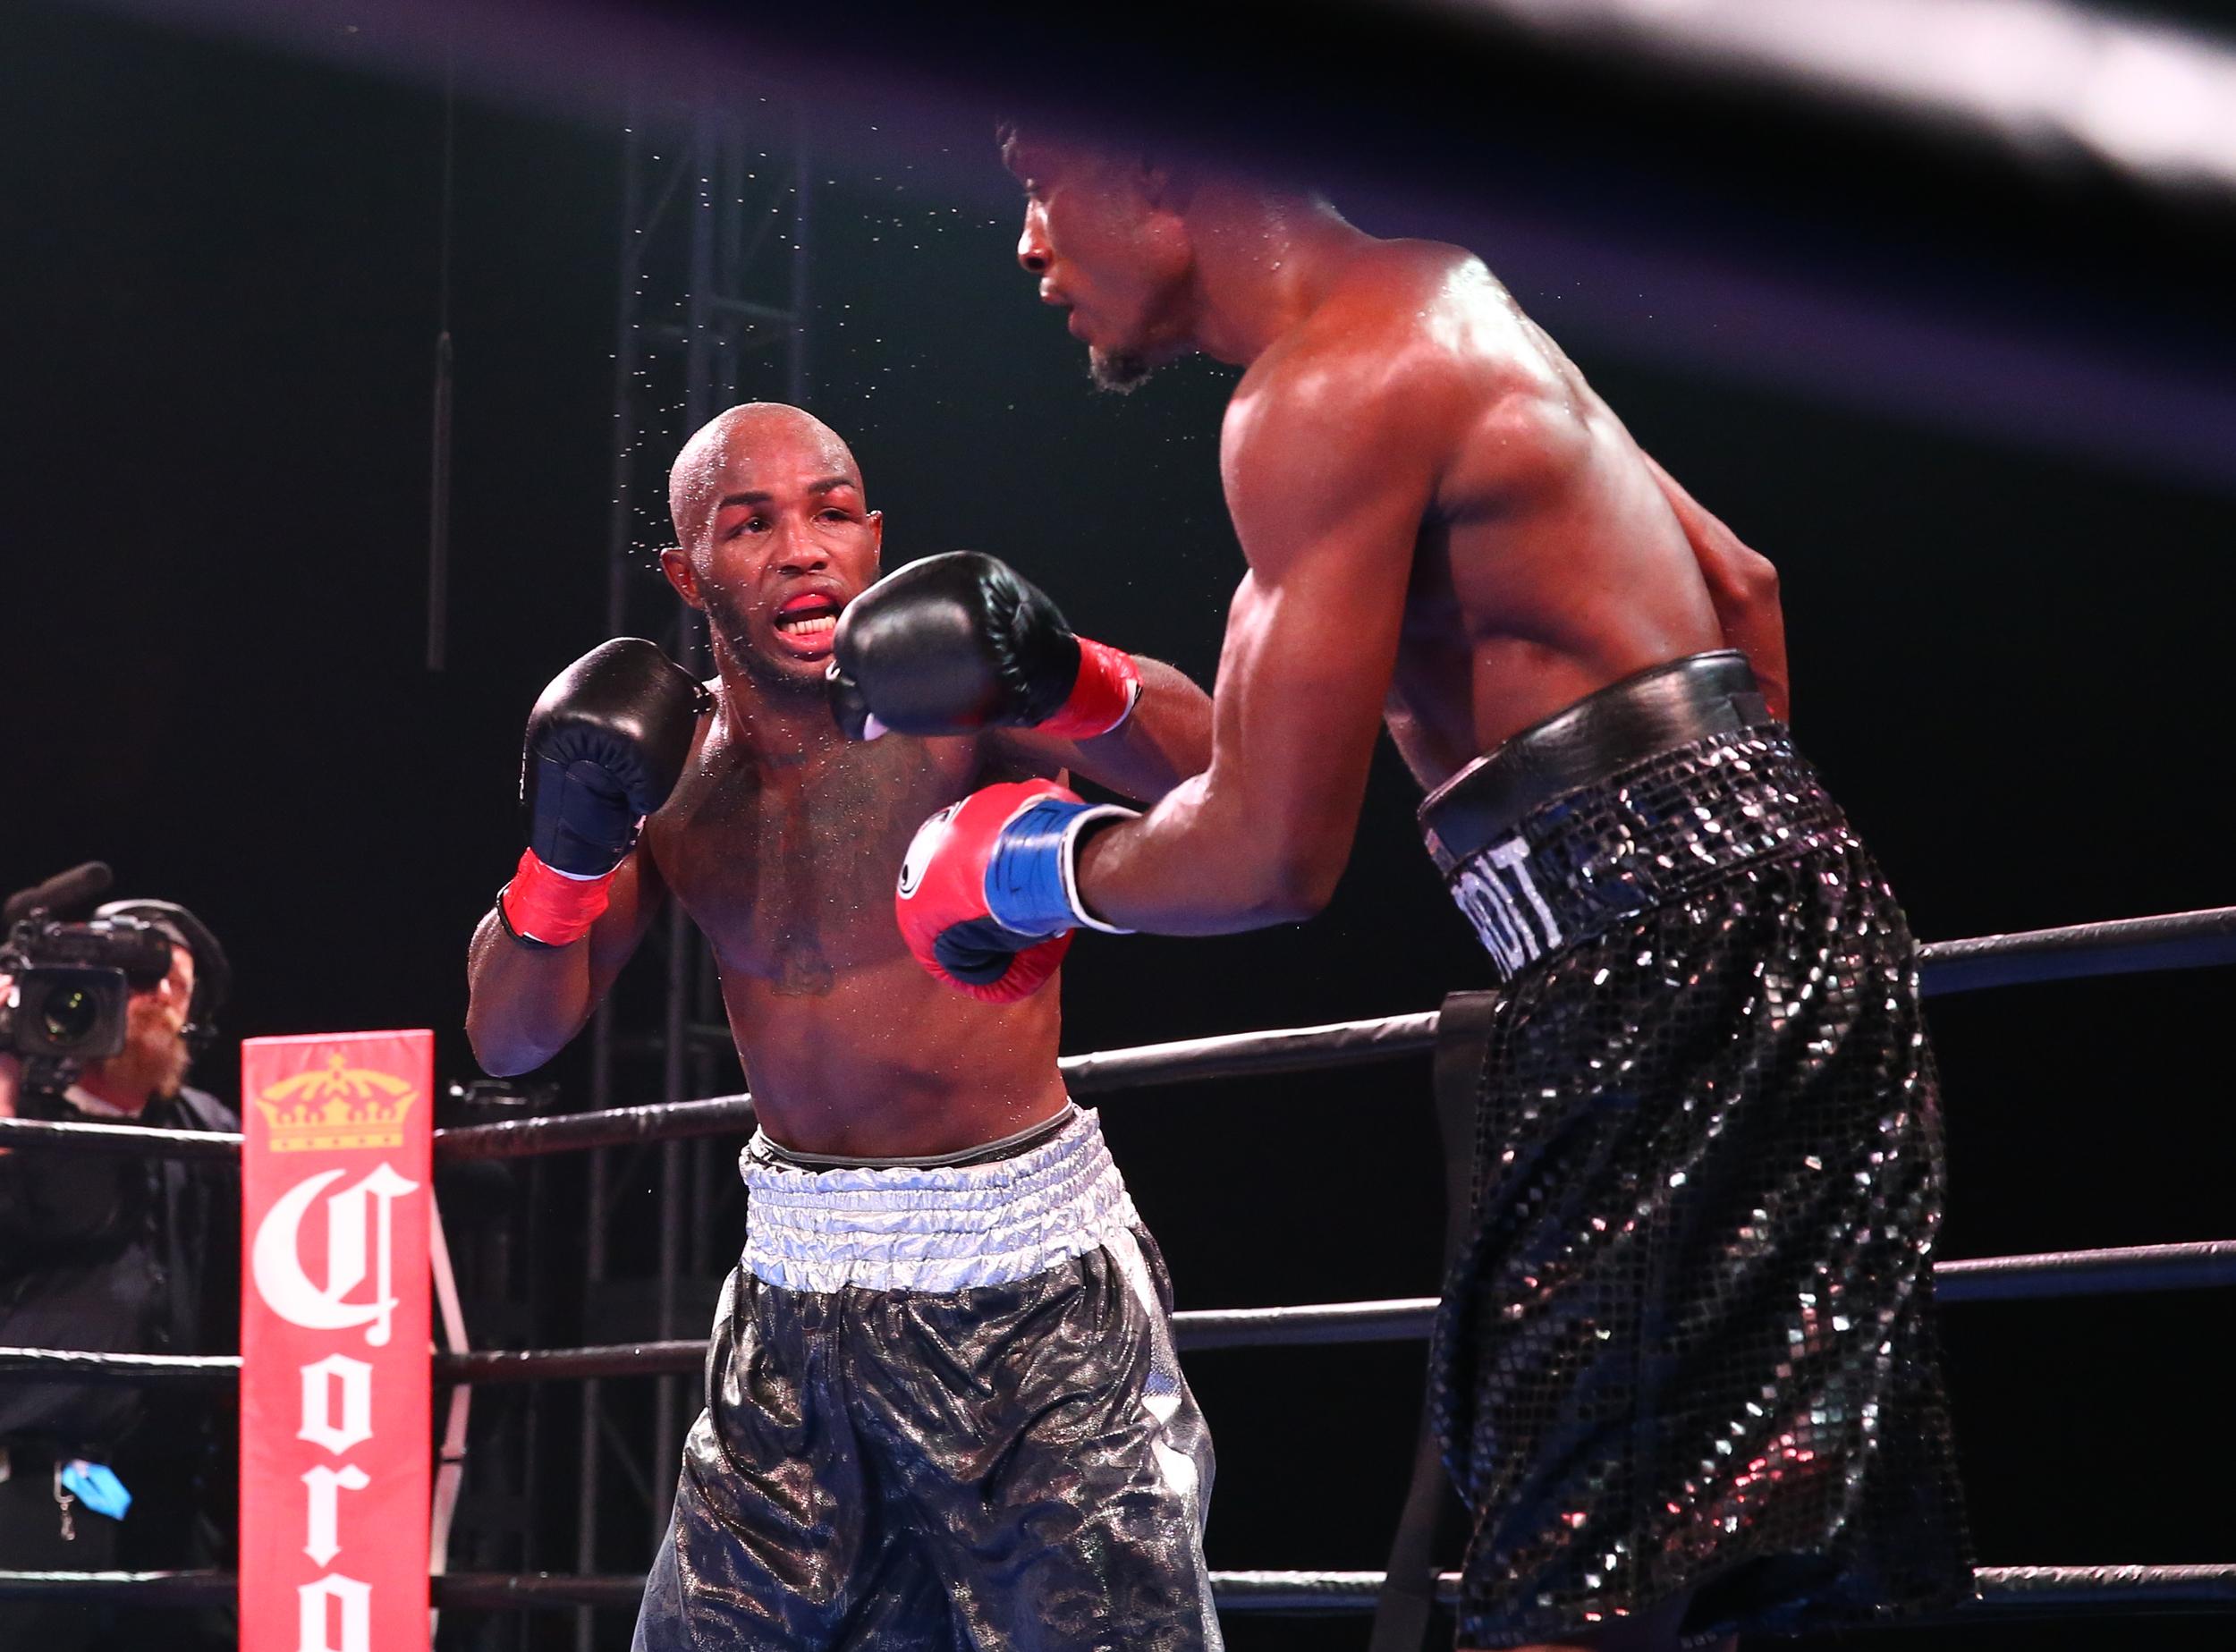 SASP- 20151031 - PBC Boxing - 2247 - 4275.JPG